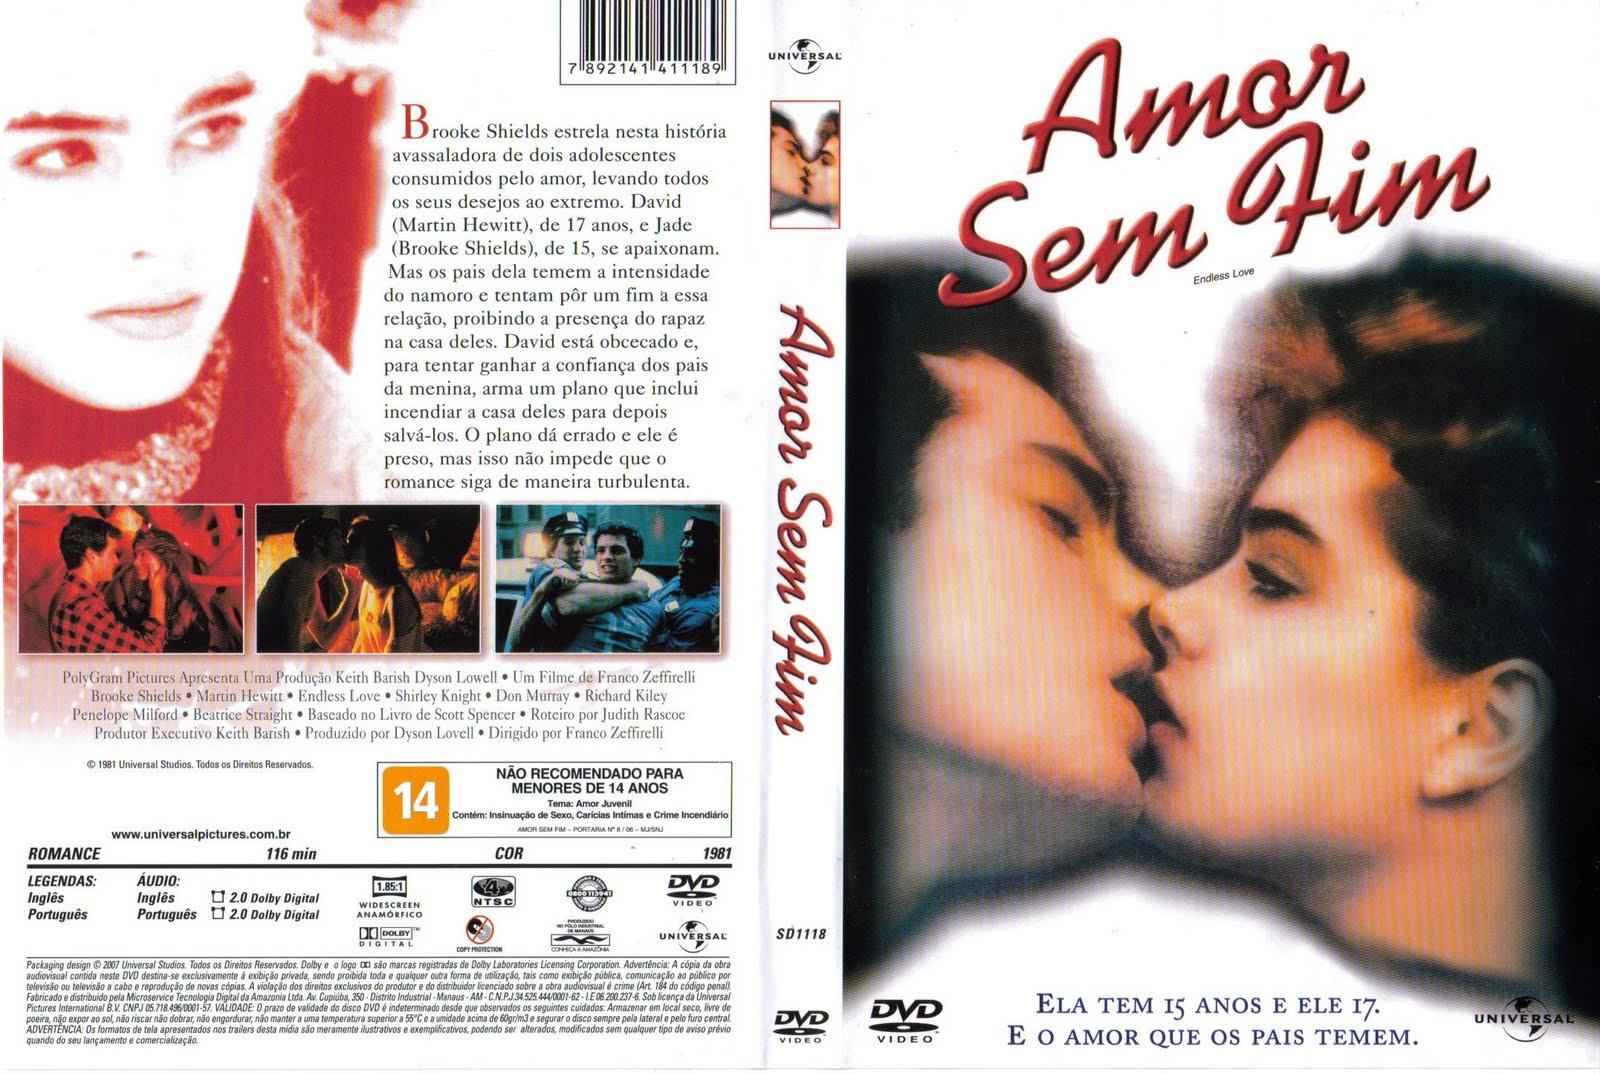 Amor sem pecado 2015 - 2 3